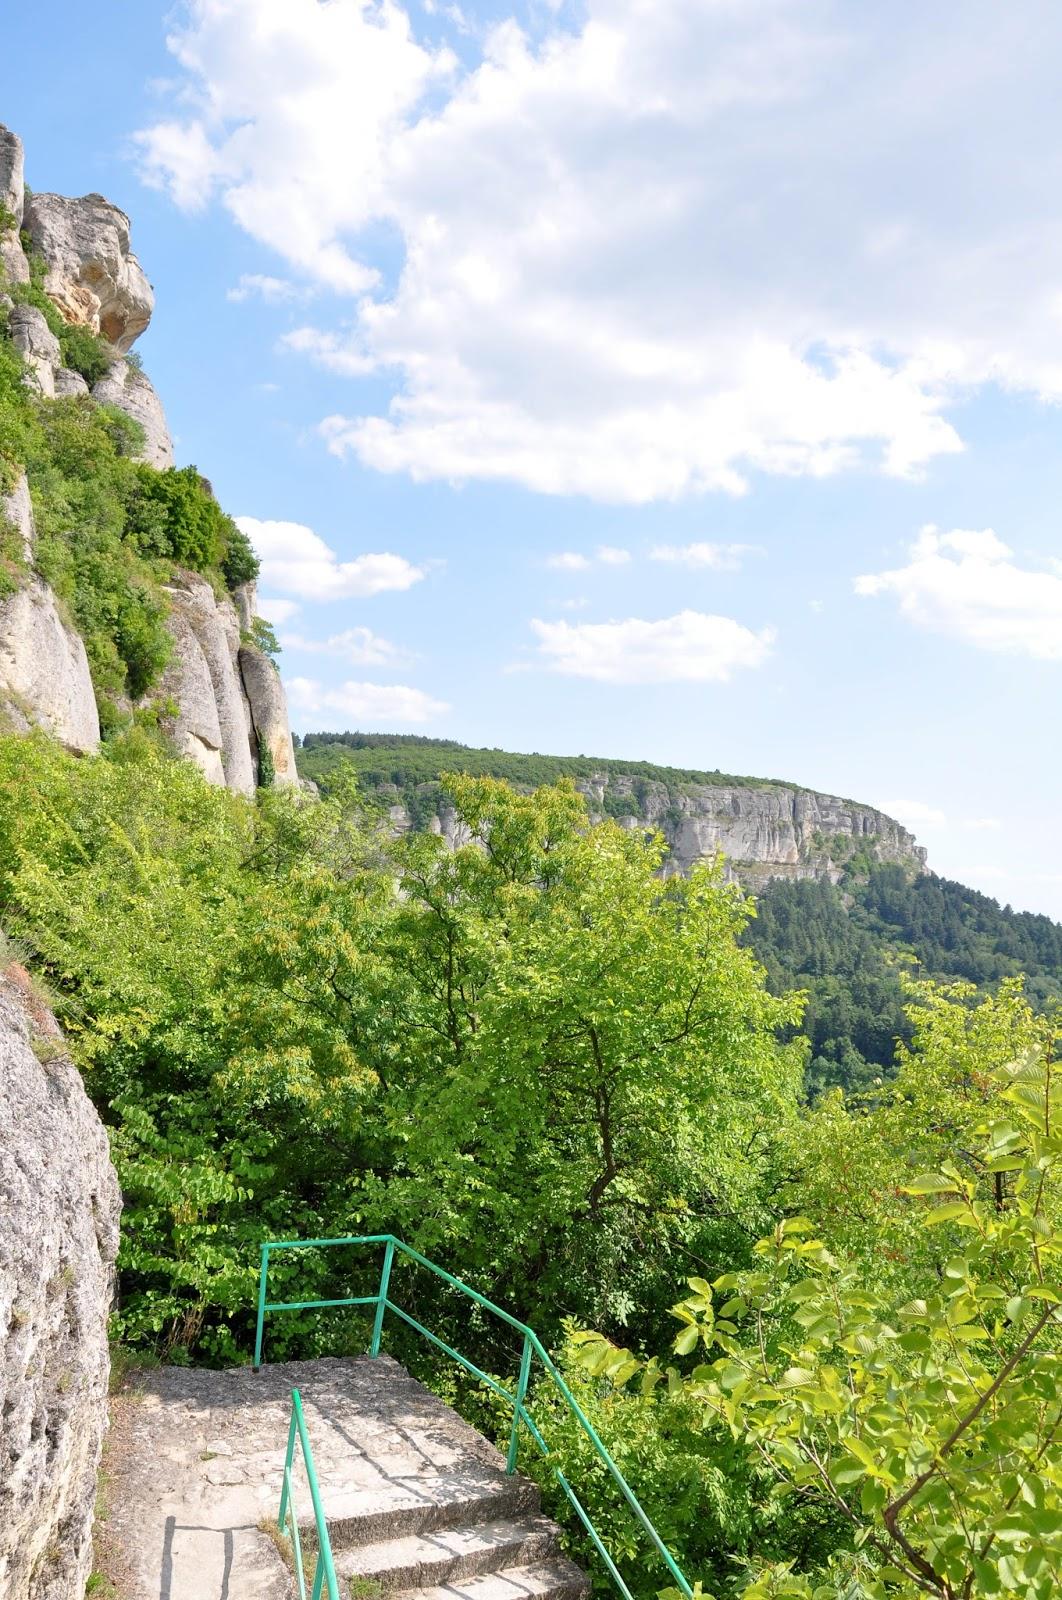 Climbing down the cliffs, Madara, Bulgaria